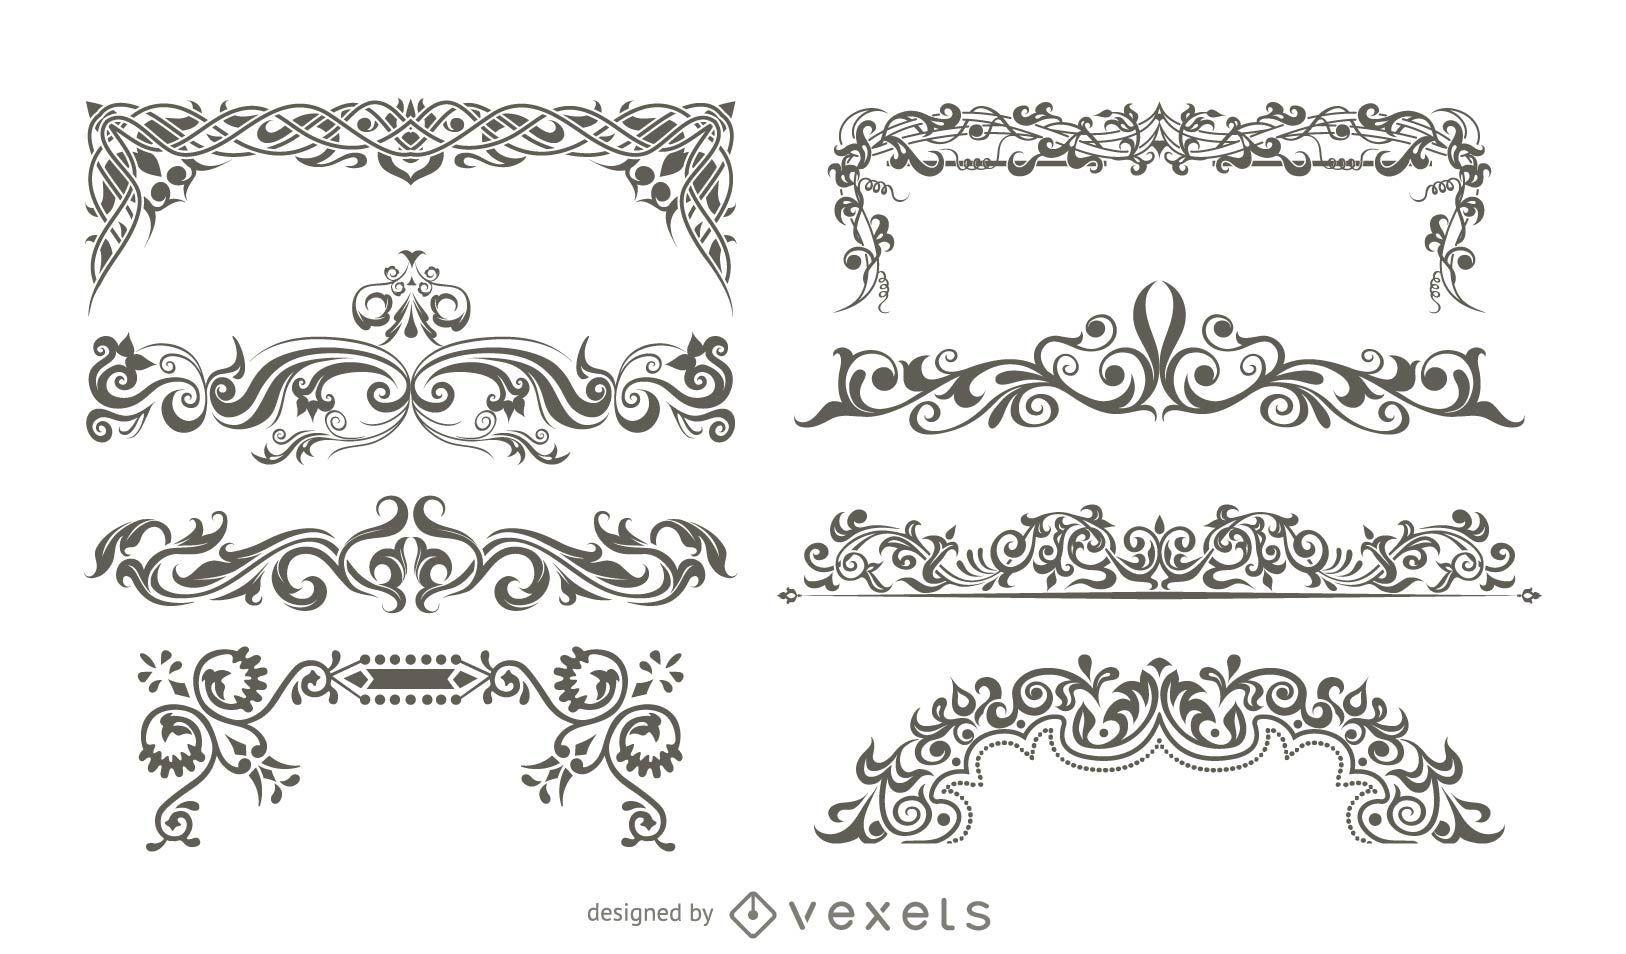 Adornos decorativos vectoriales